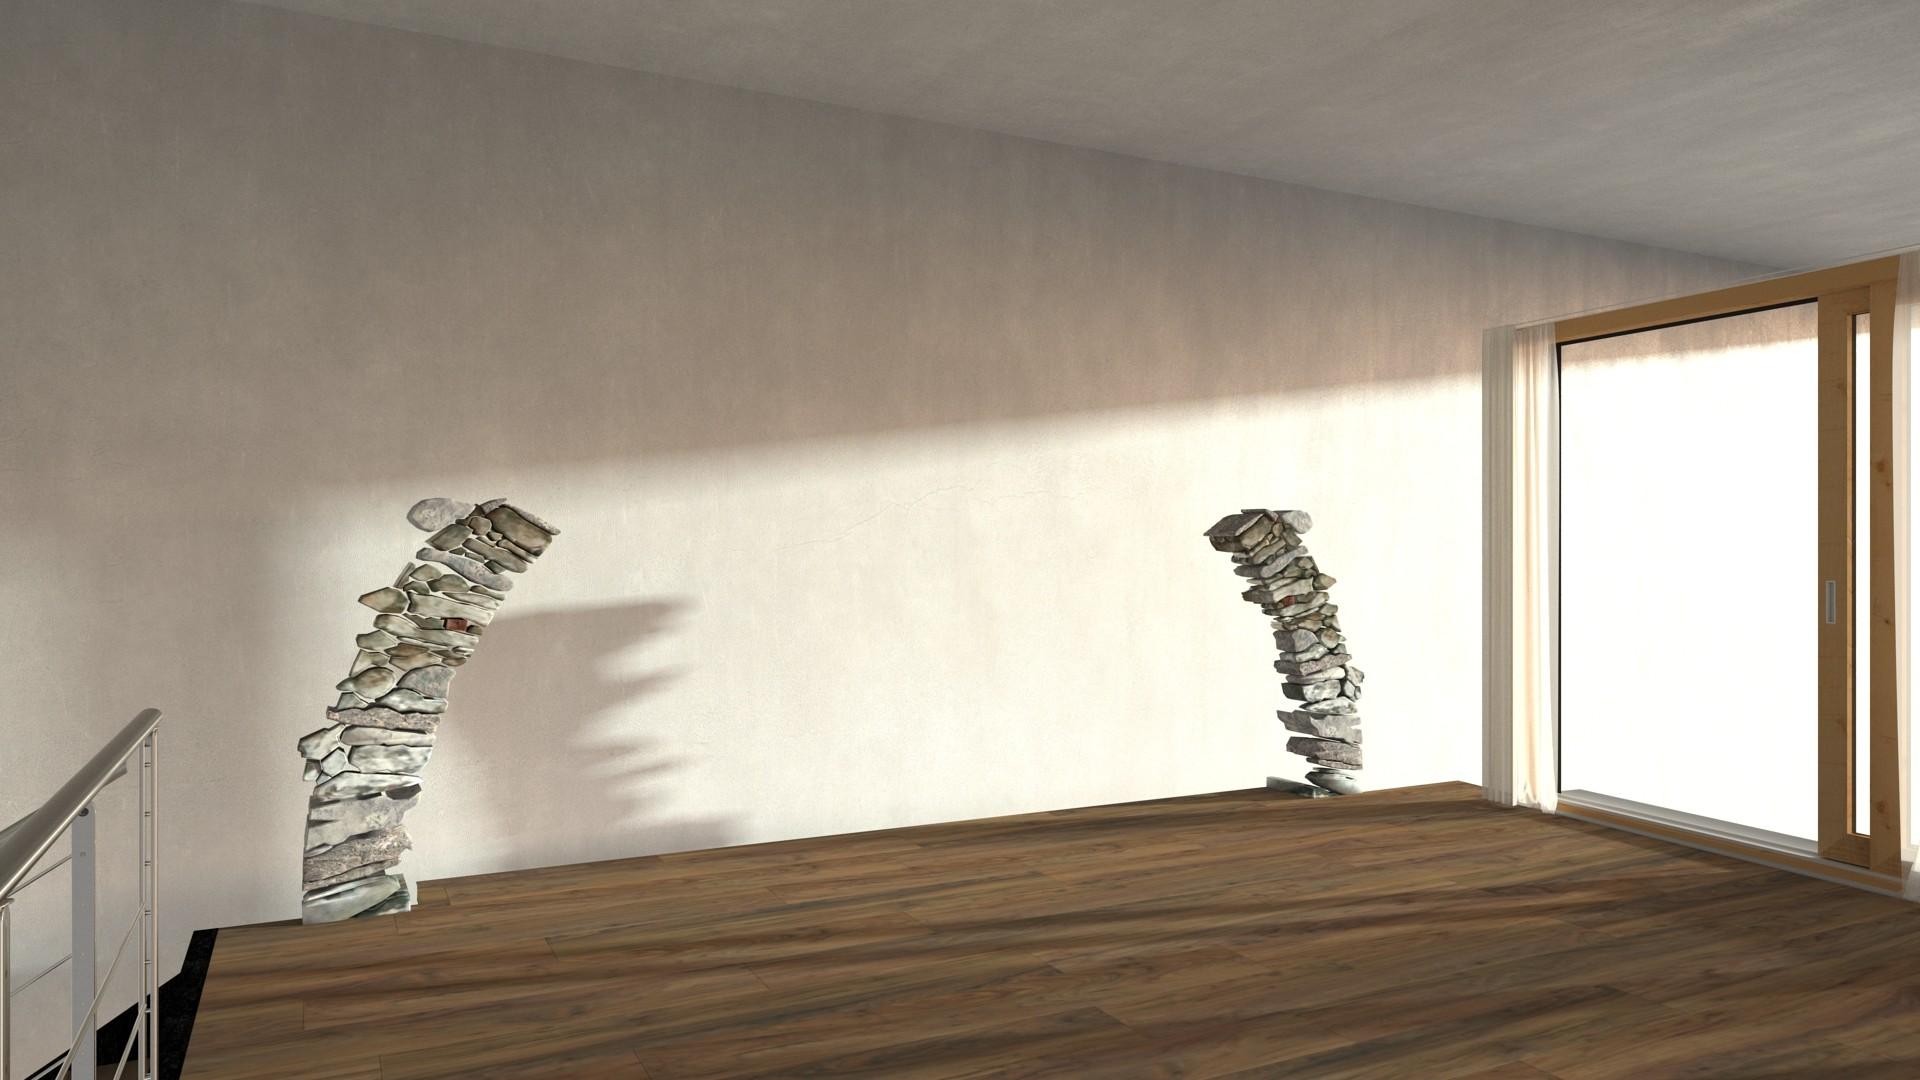 Duane kemp rivendell salon arch demo scene 60